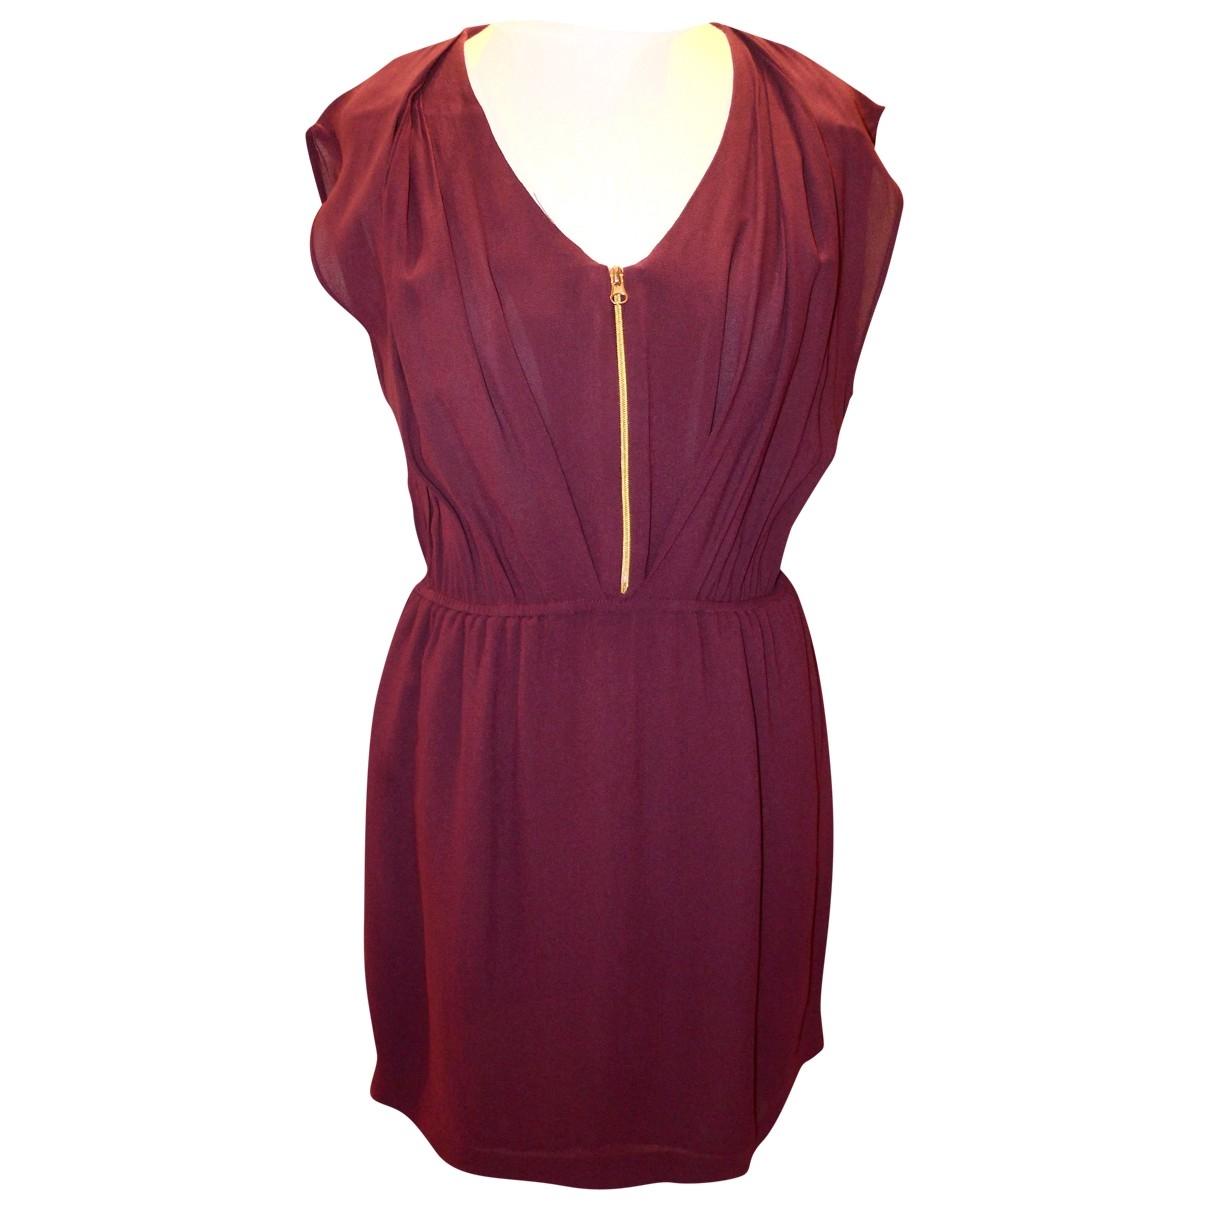 Sandro \N Burgundy dress for Women 1 0-5